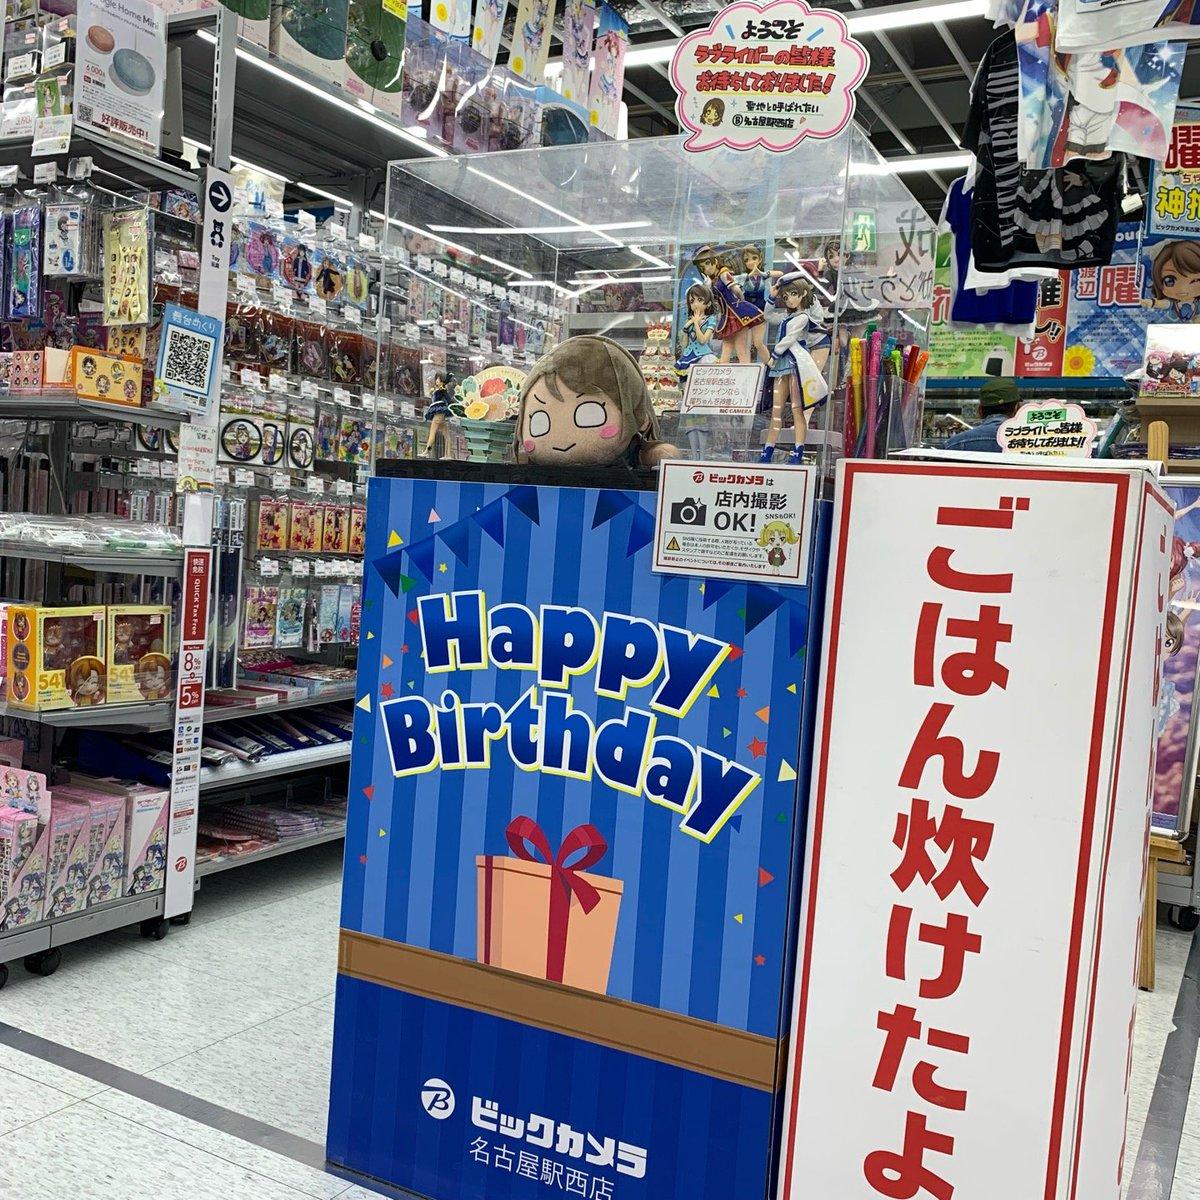 ビックカメラ 名古屋駅西店(3)Happy Birthday